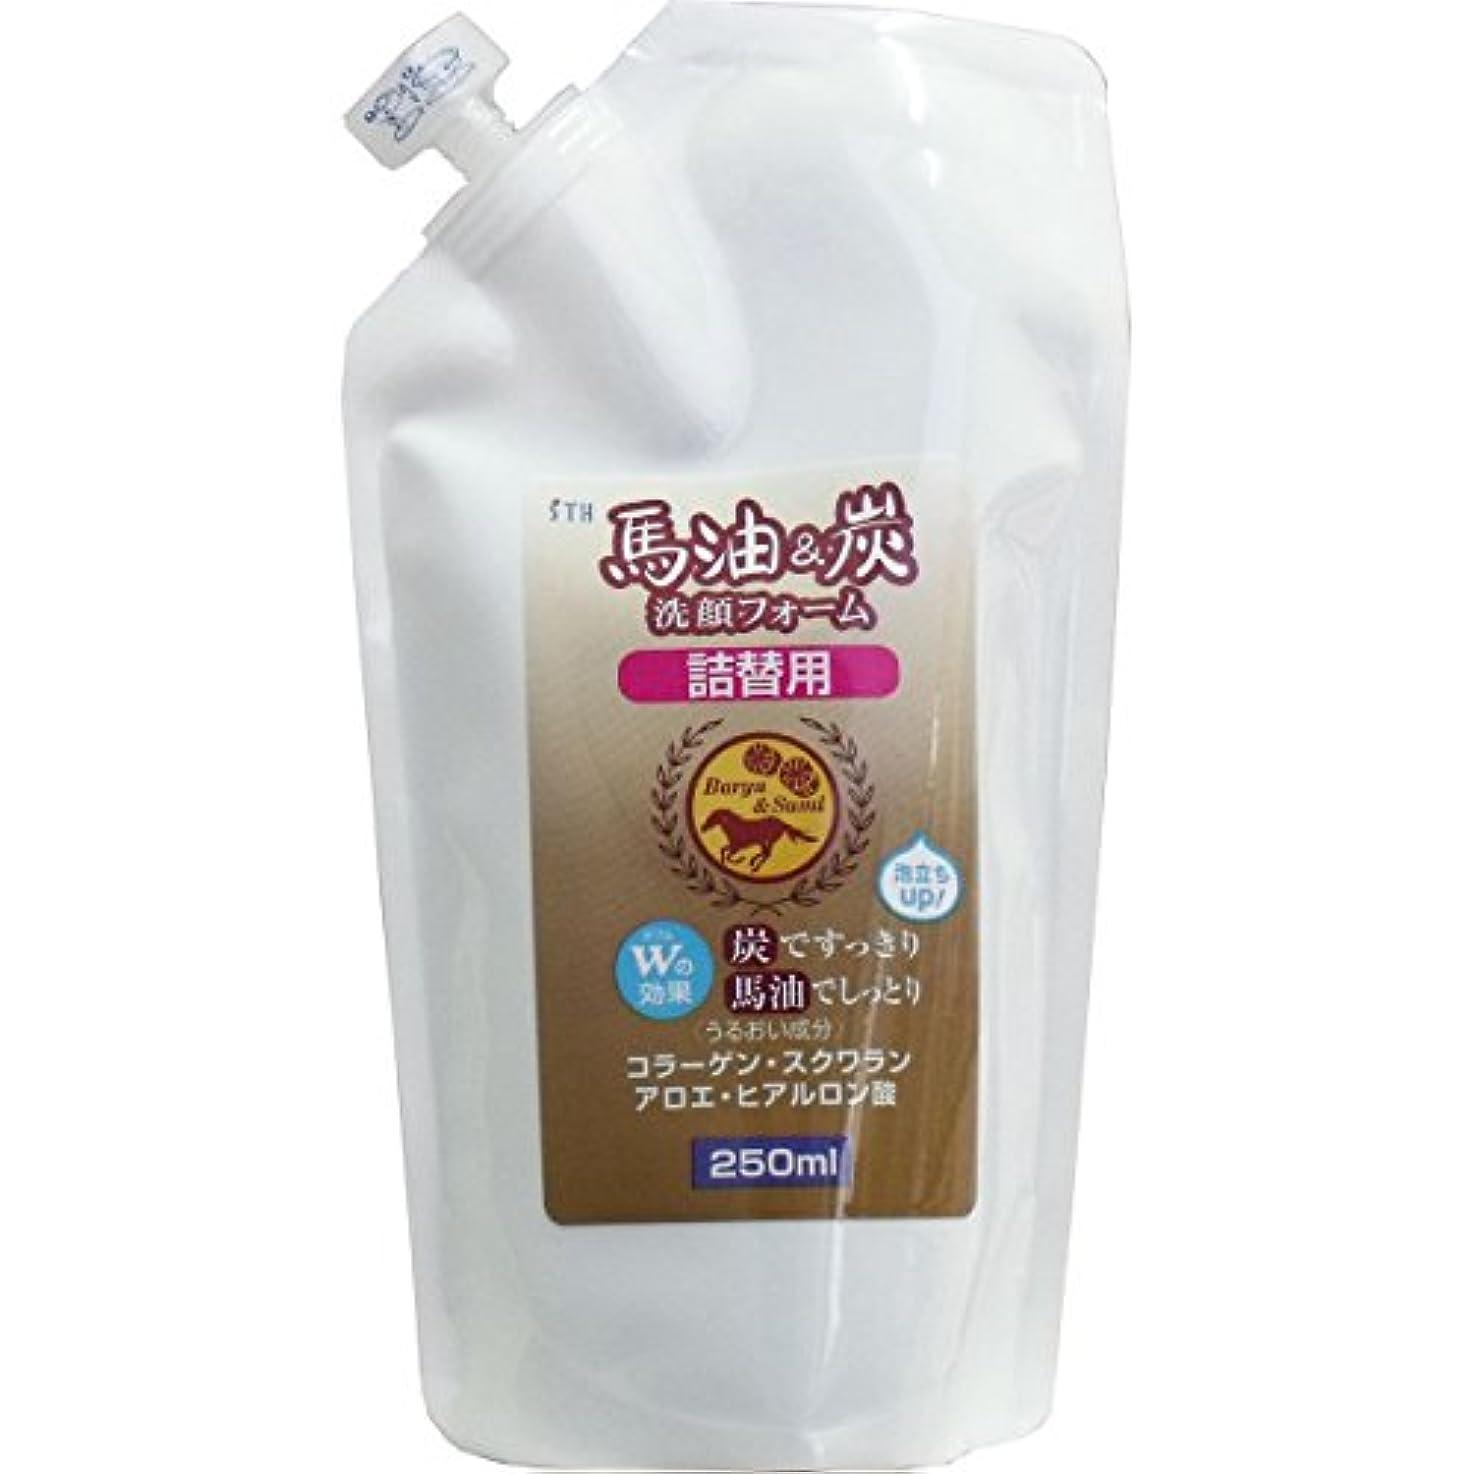 やさしいティーンエイジャービン馬油&炭洗顔フォーム【詰替用250ml】×2袋